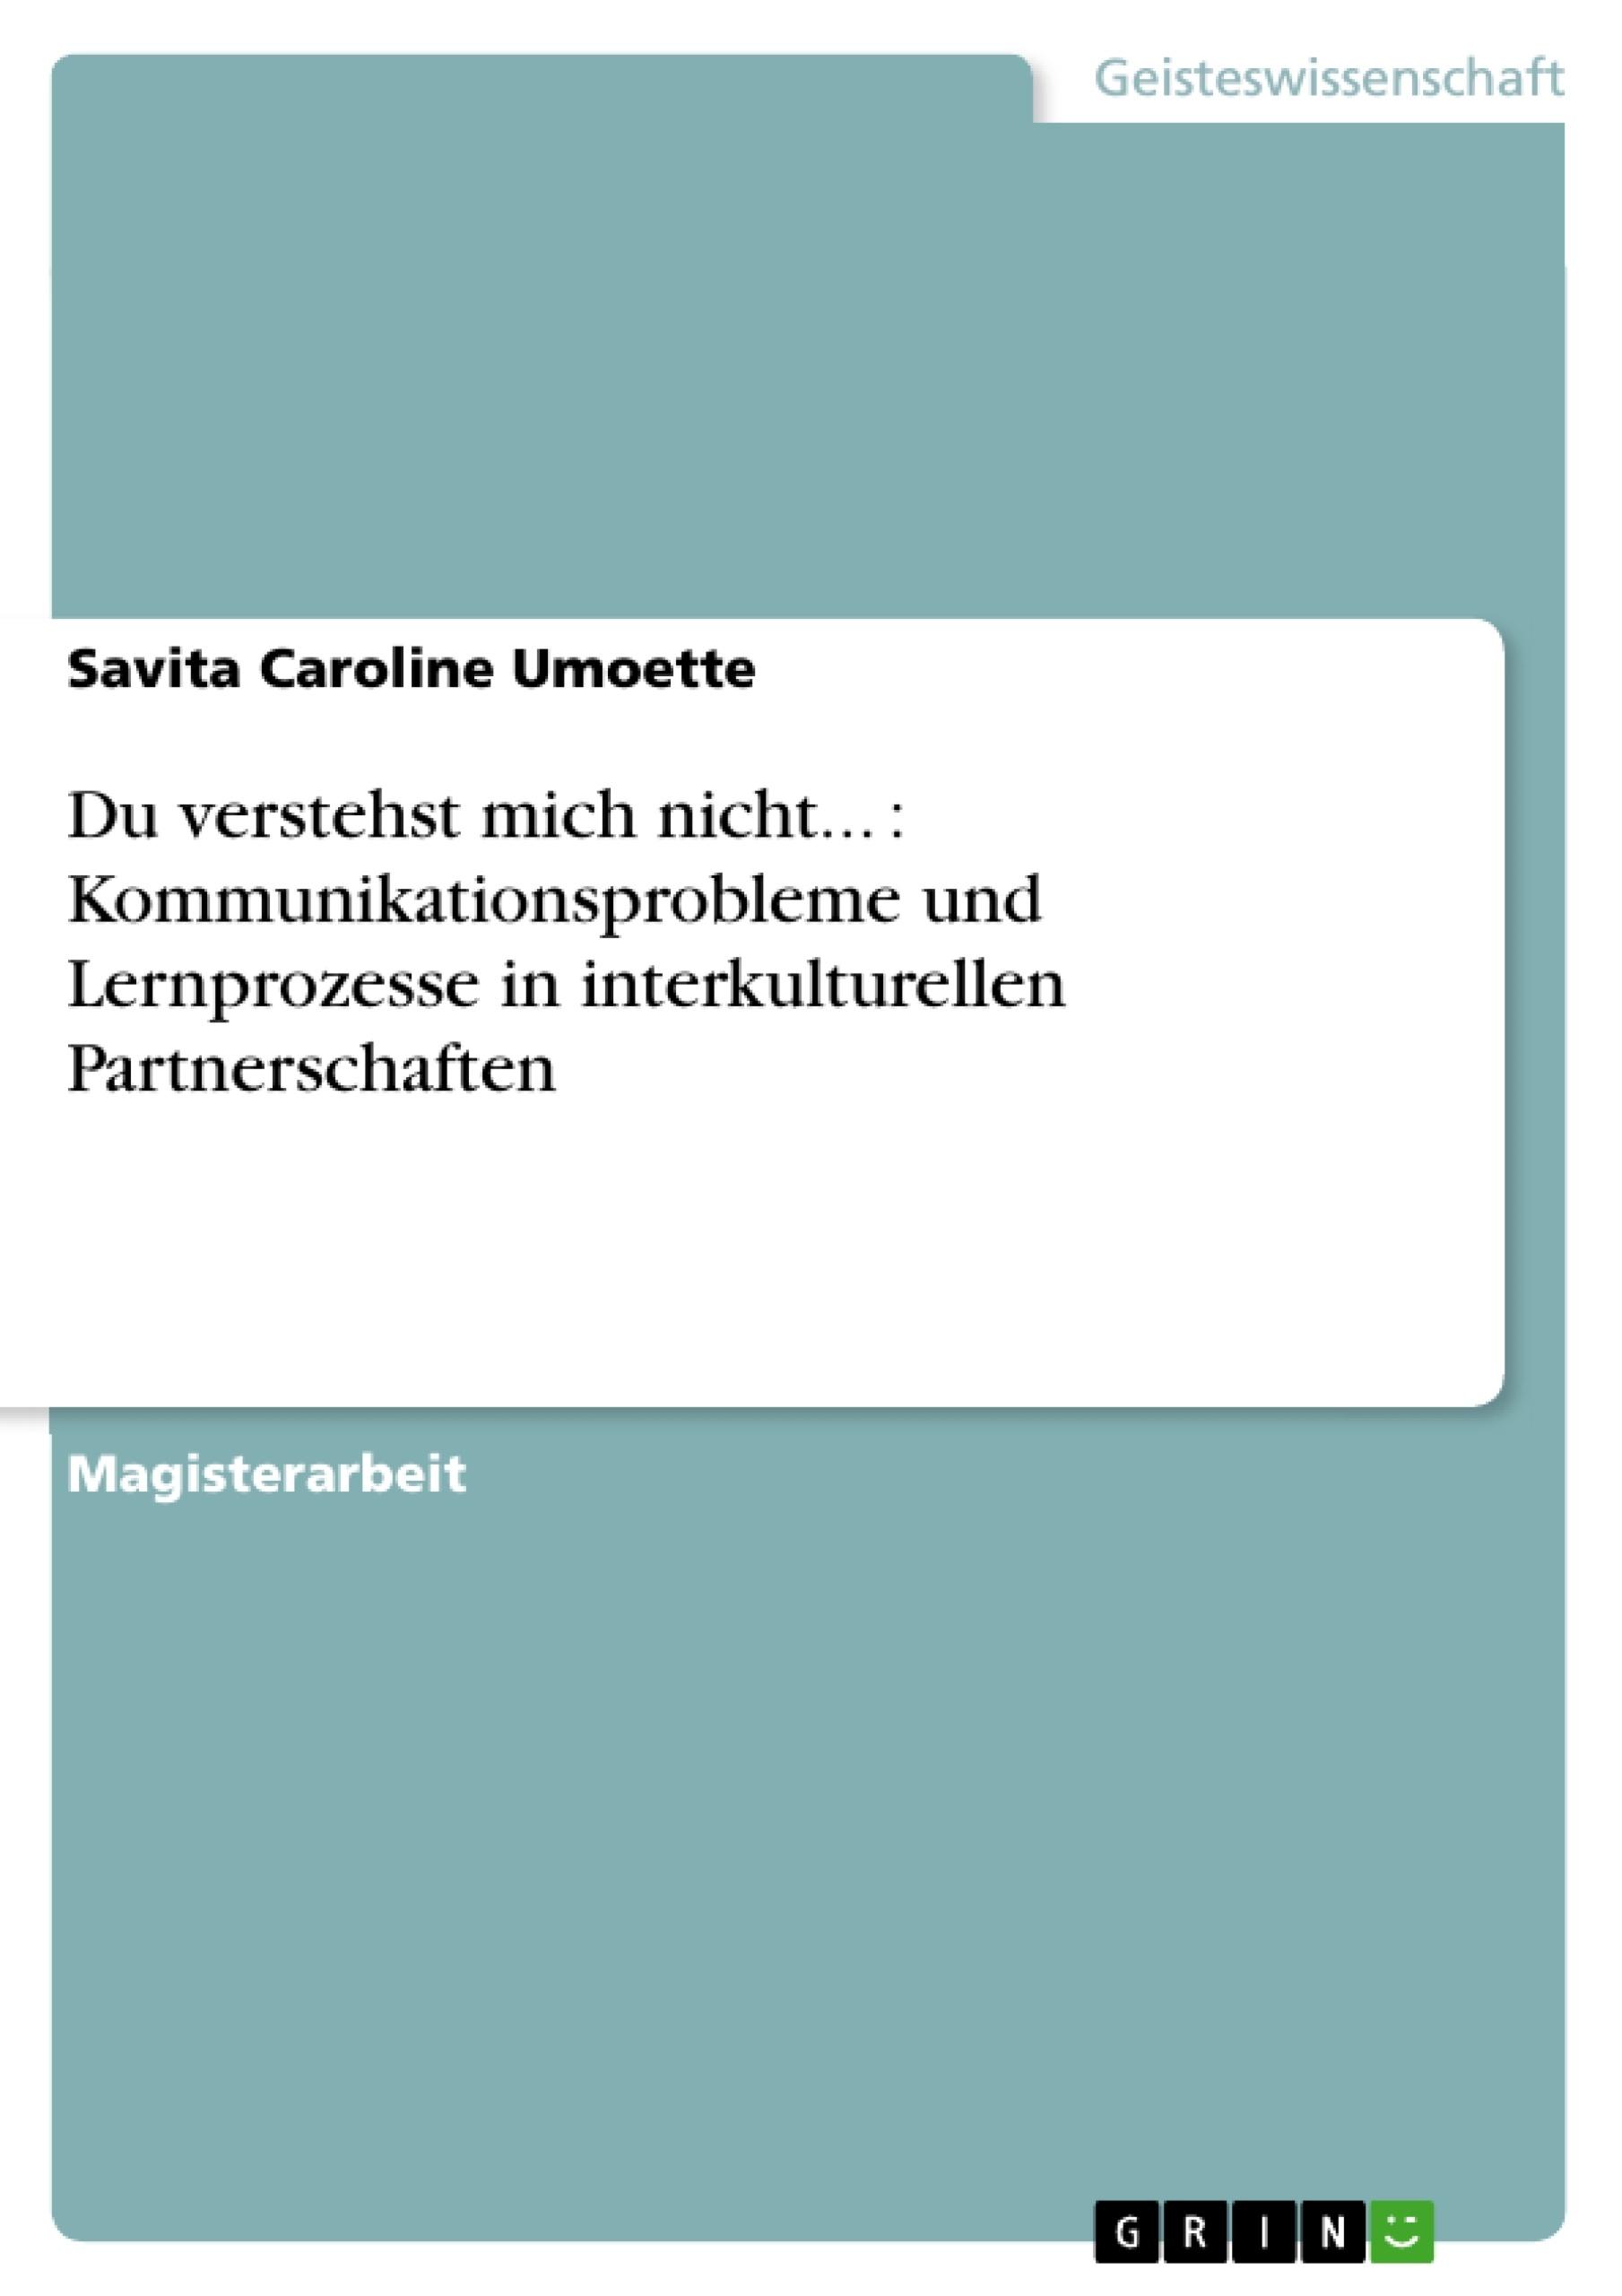 Titel: Du verstehst mich nicht... : Kommunikationsprobleme und Lernprozesse in interkulturellen Partnerschaften